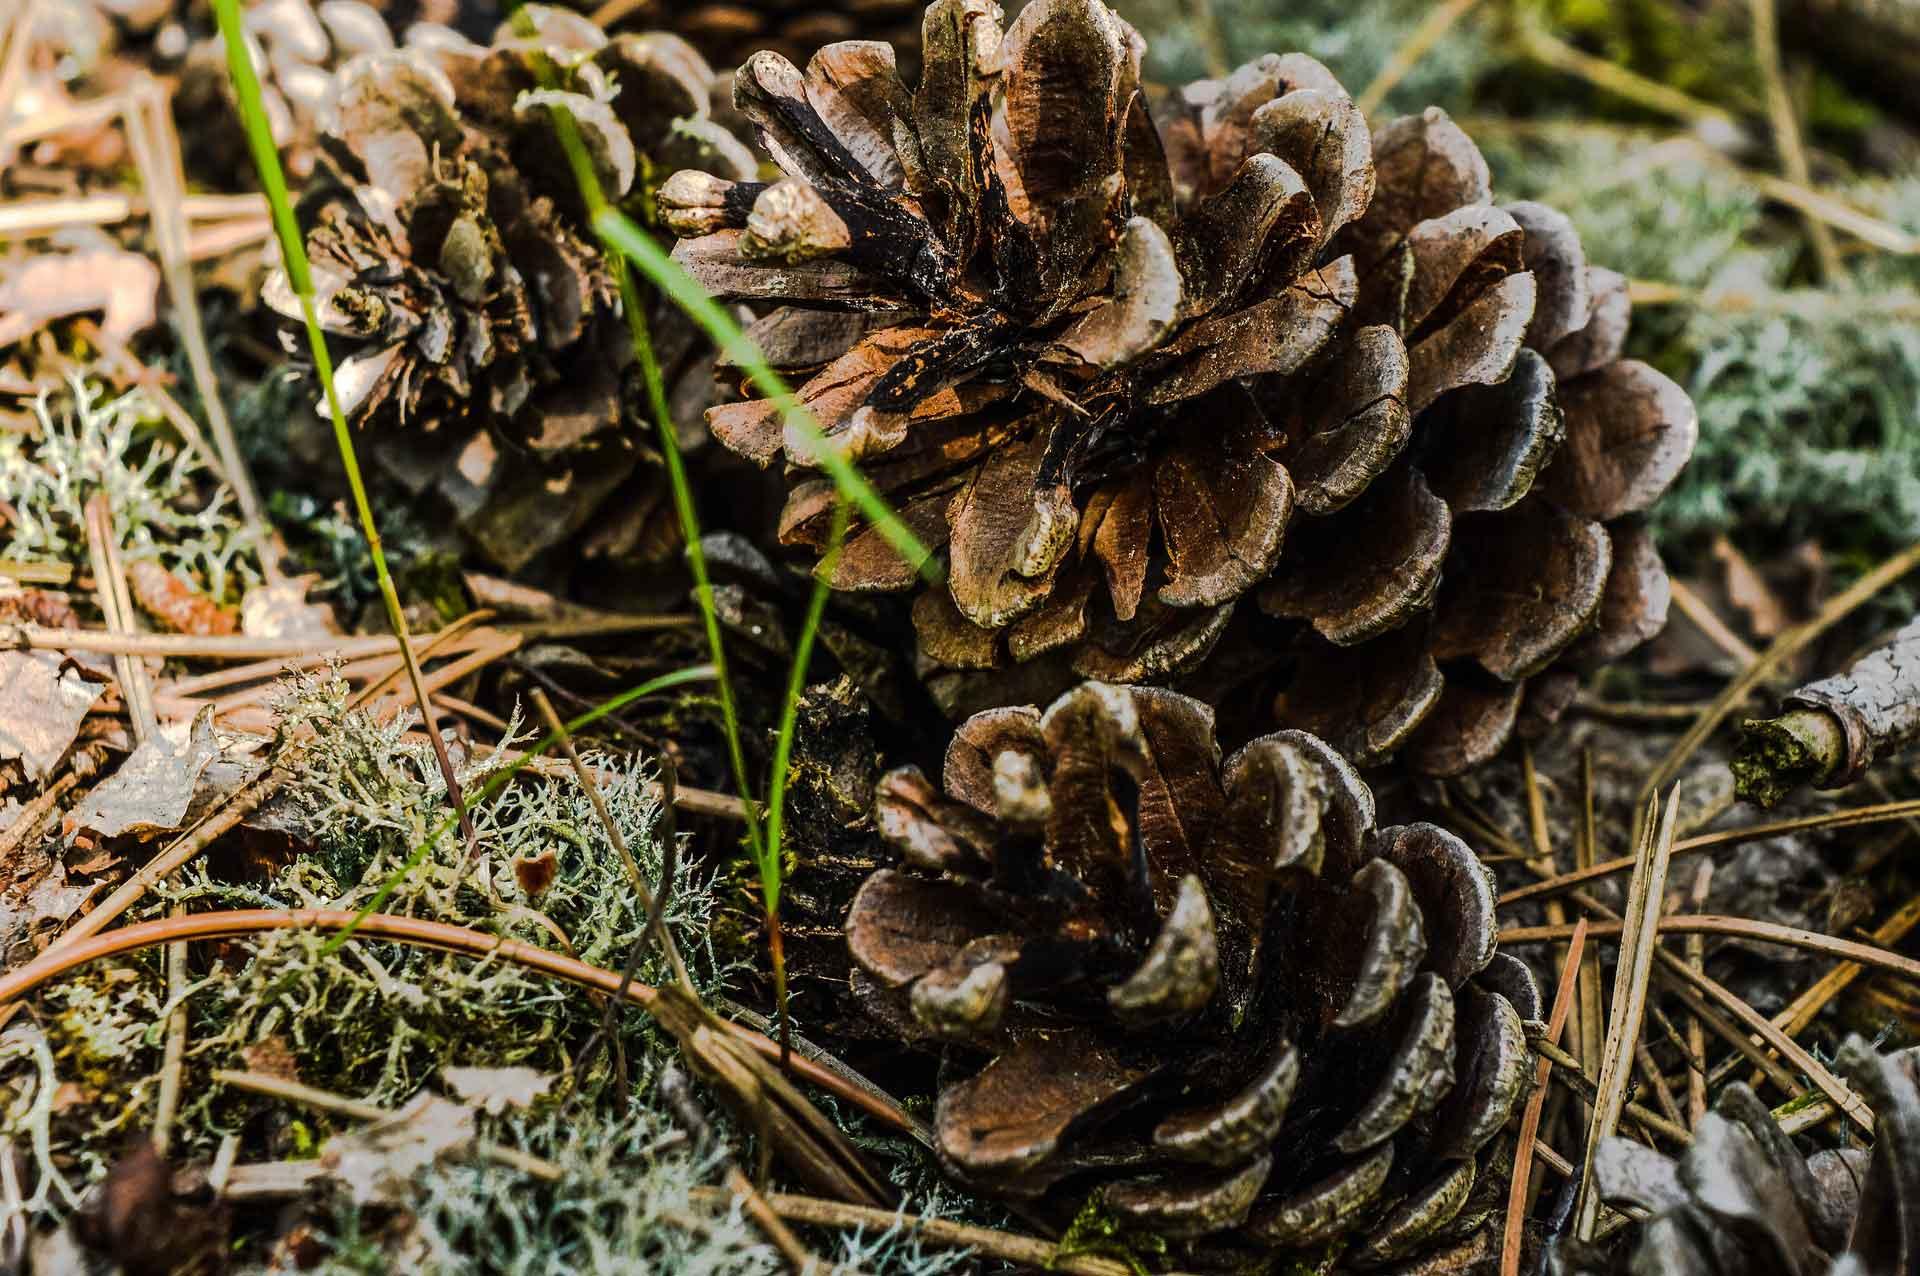 Wandern an dem Sagenhaften Waldpfad / Lambsborn